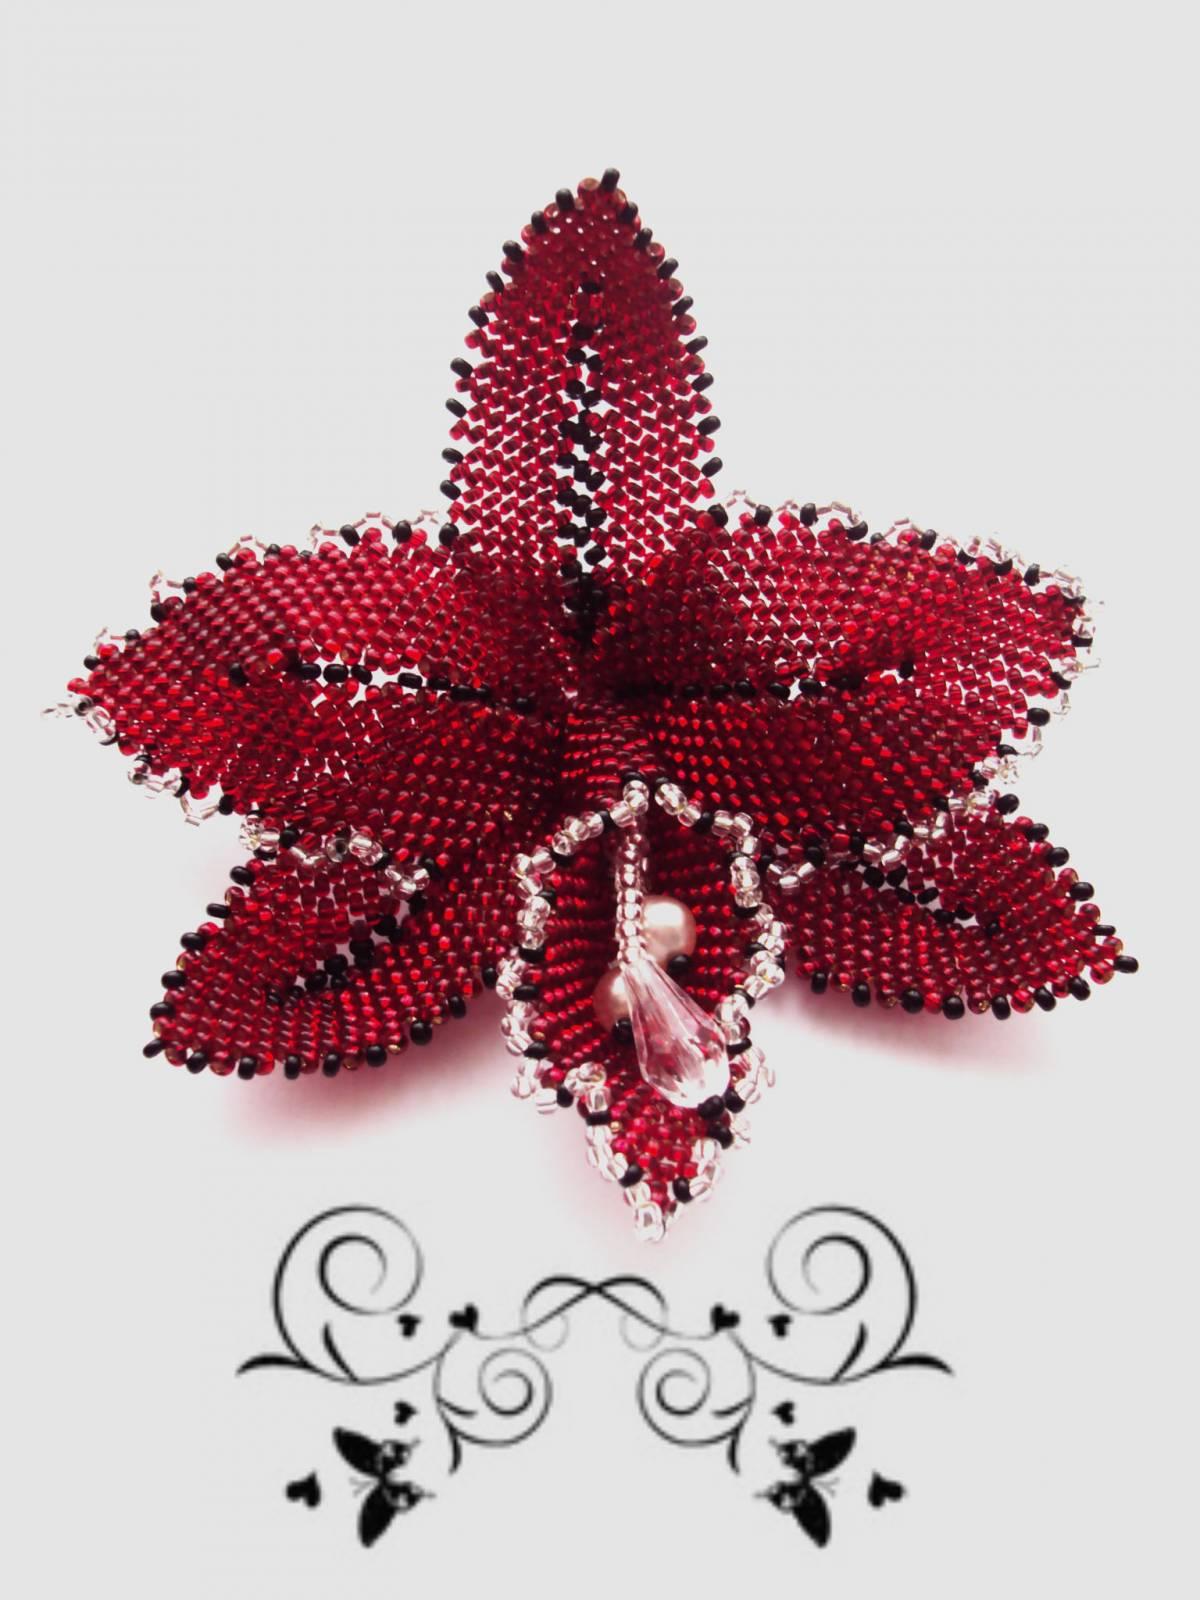 Орхидея из бисера схема плетения - Делаем фенечки своими руками.